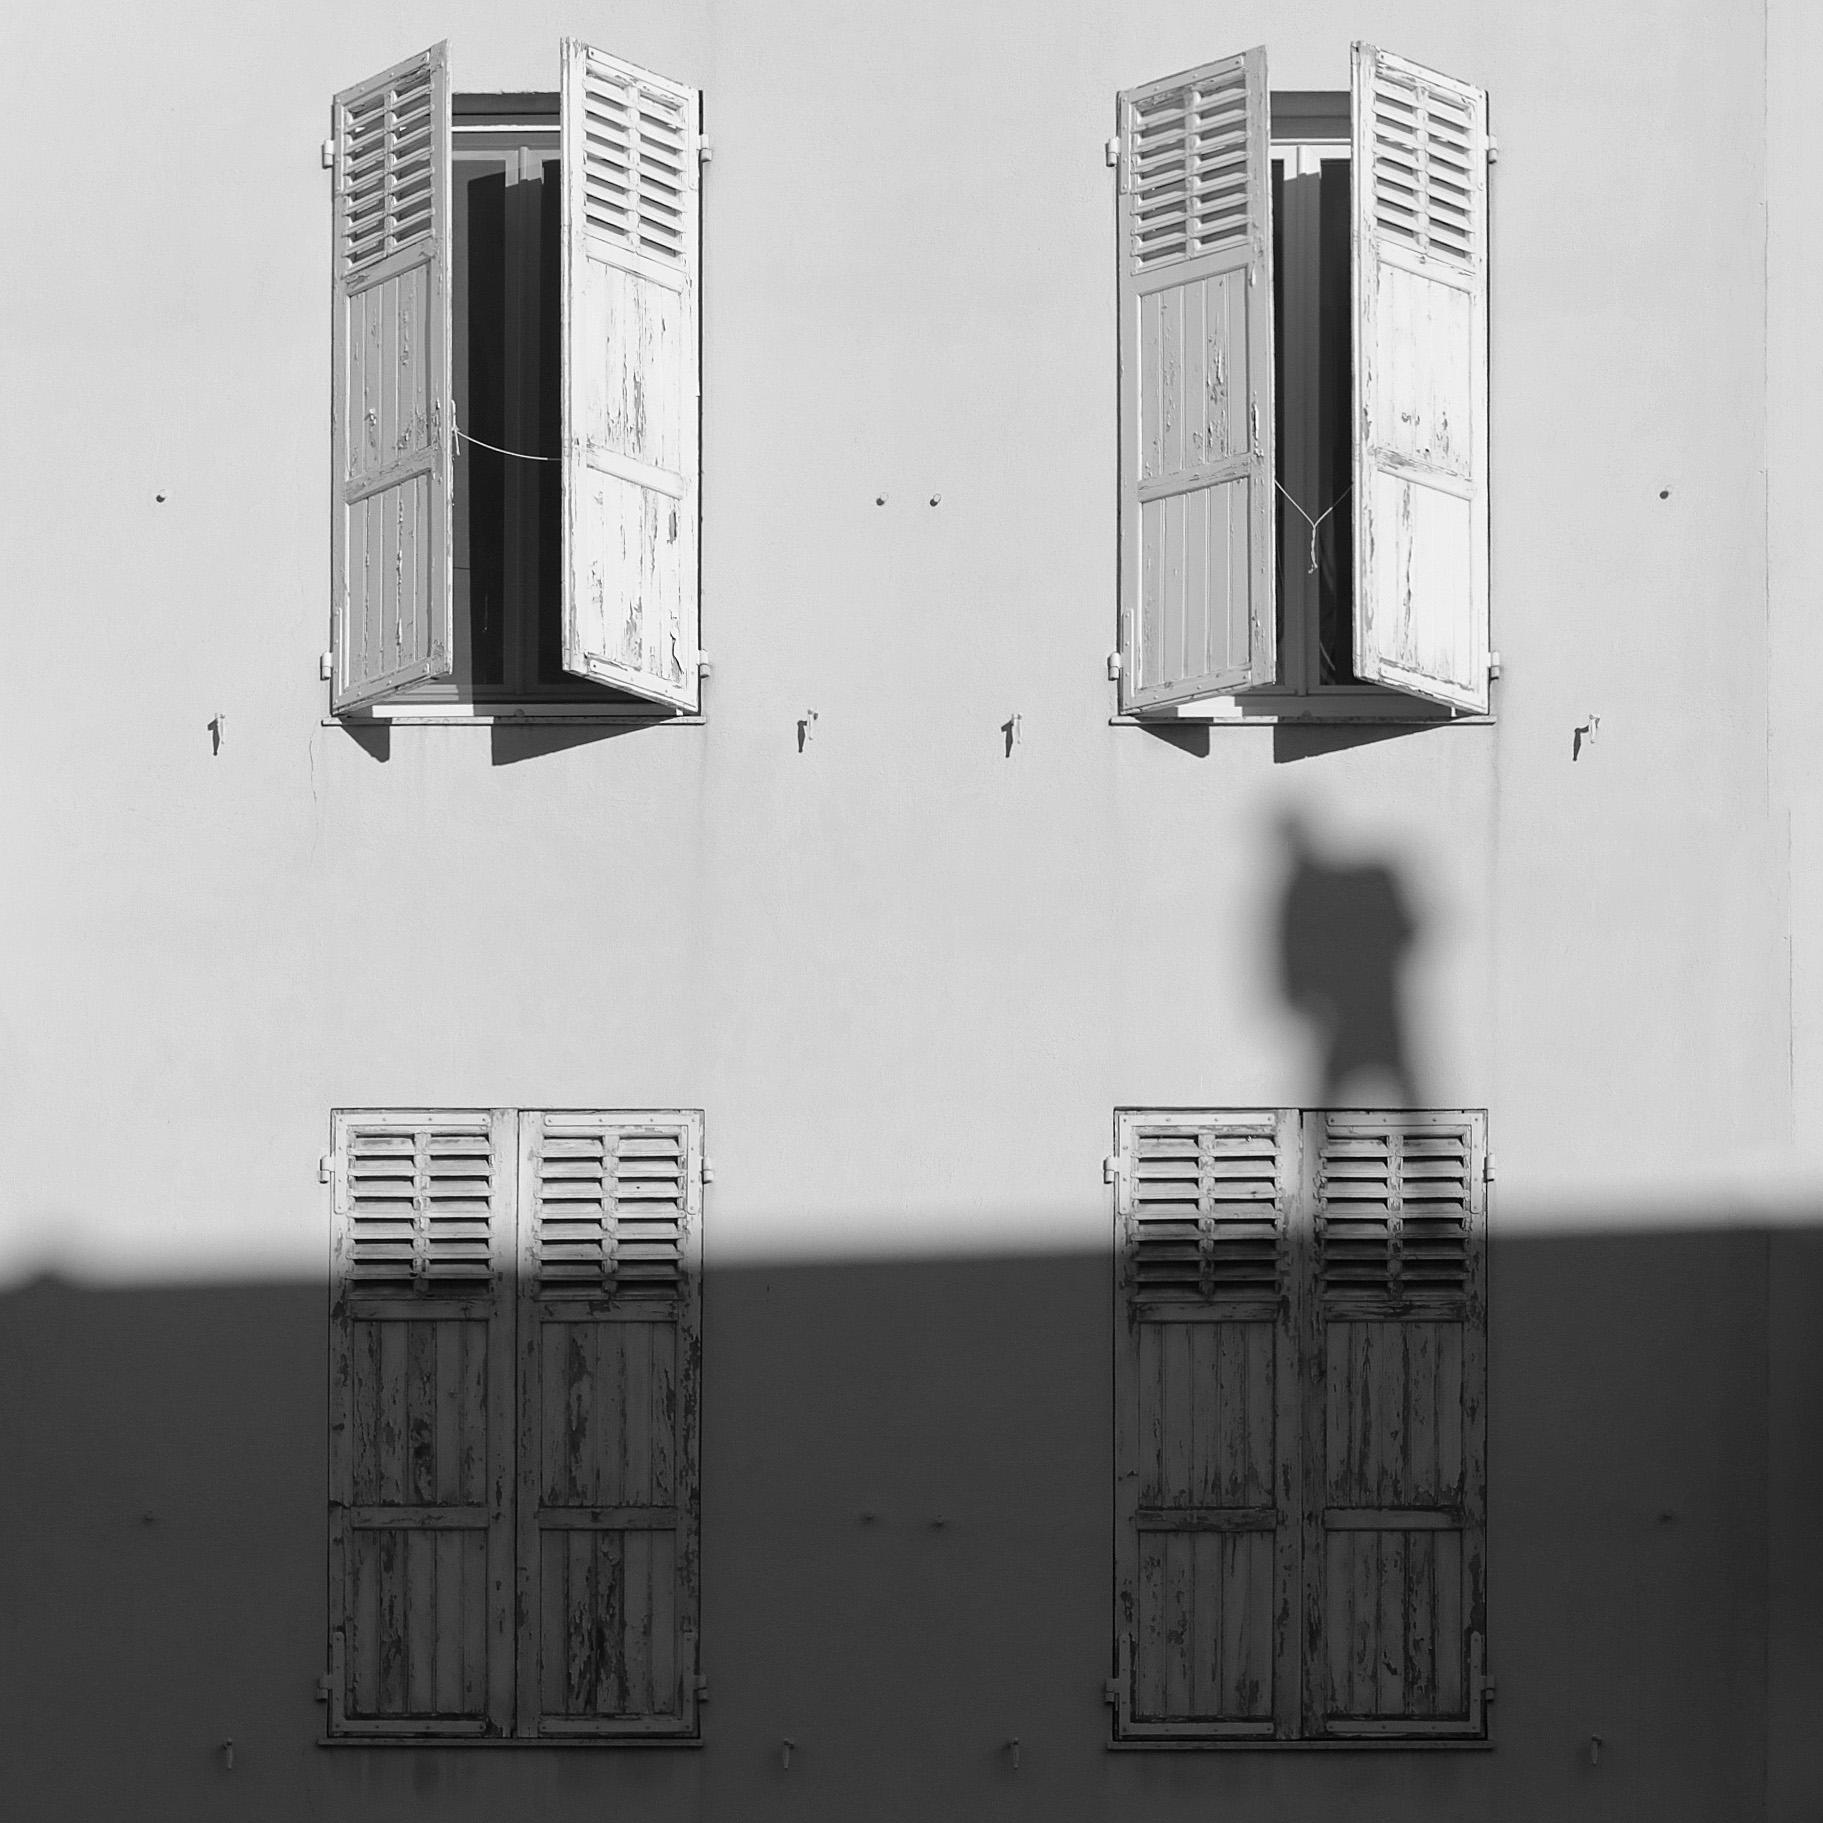 rooftop_worker